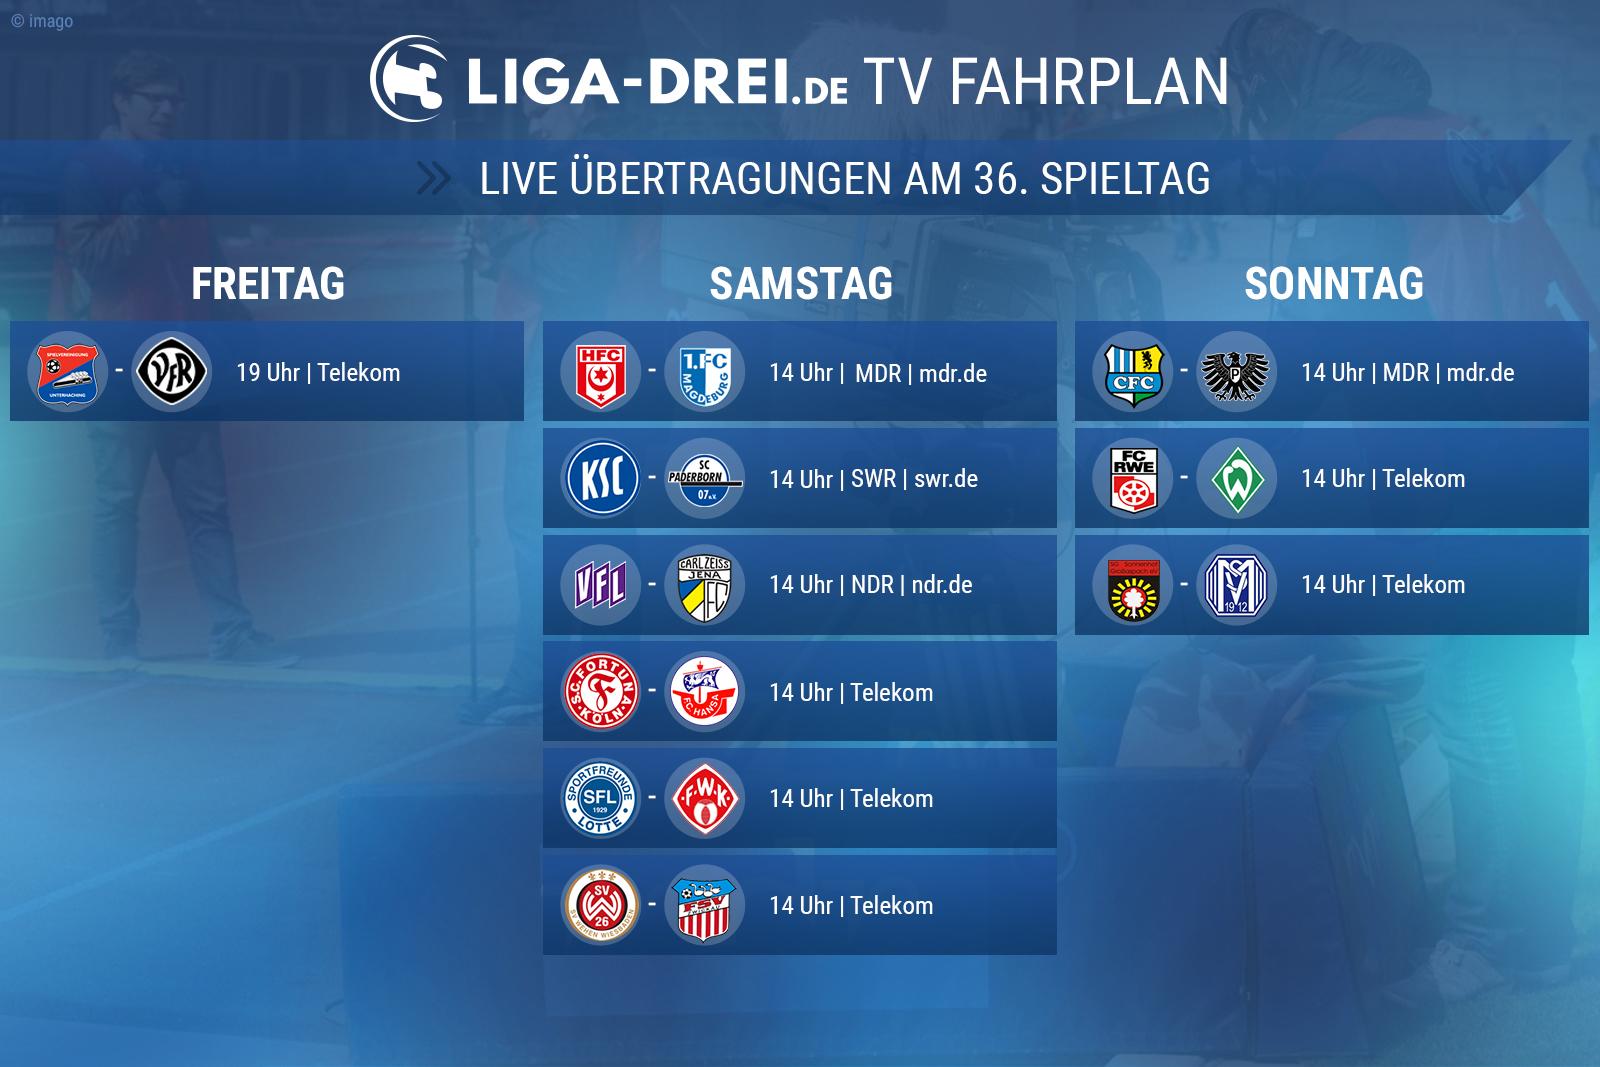 TV-Fahrplan zum 36. Spieltag